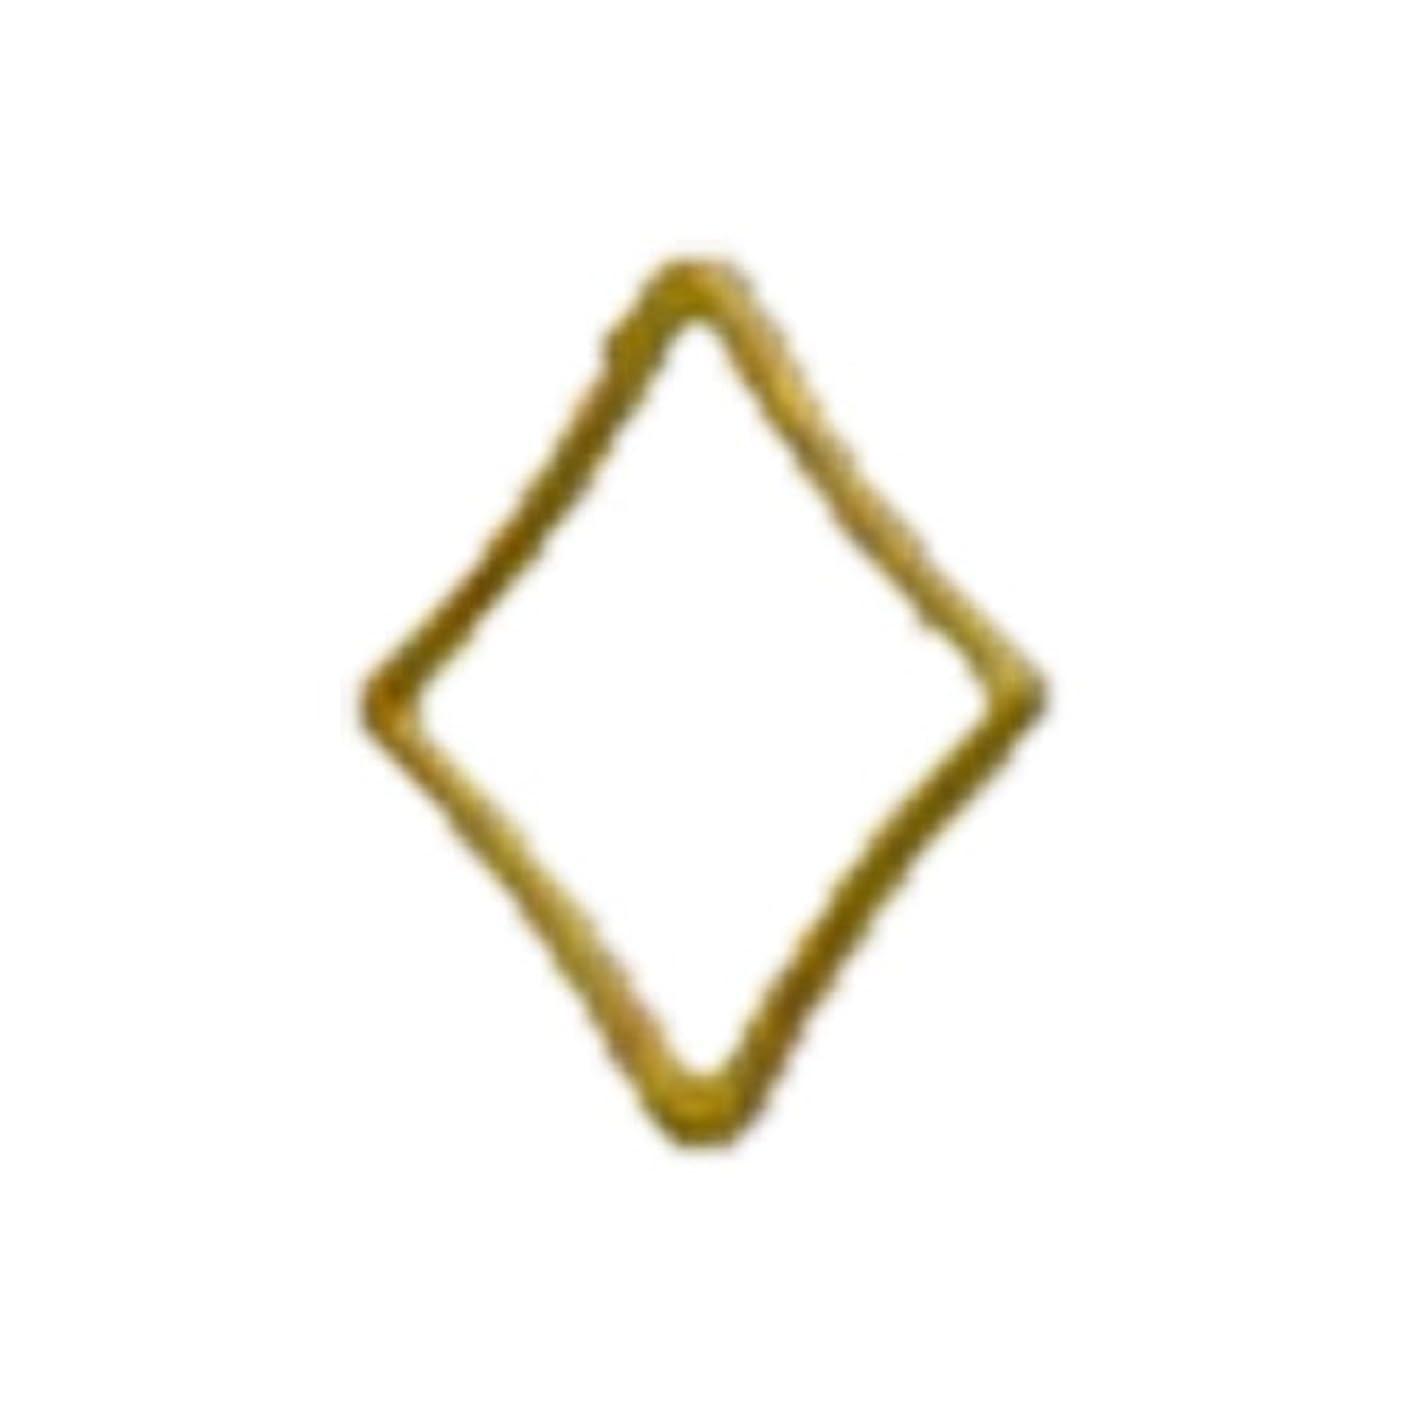 知的狂人モデレータリトルプリティー ネイルアートパーツ キラキラ 3S ゴールド 20個